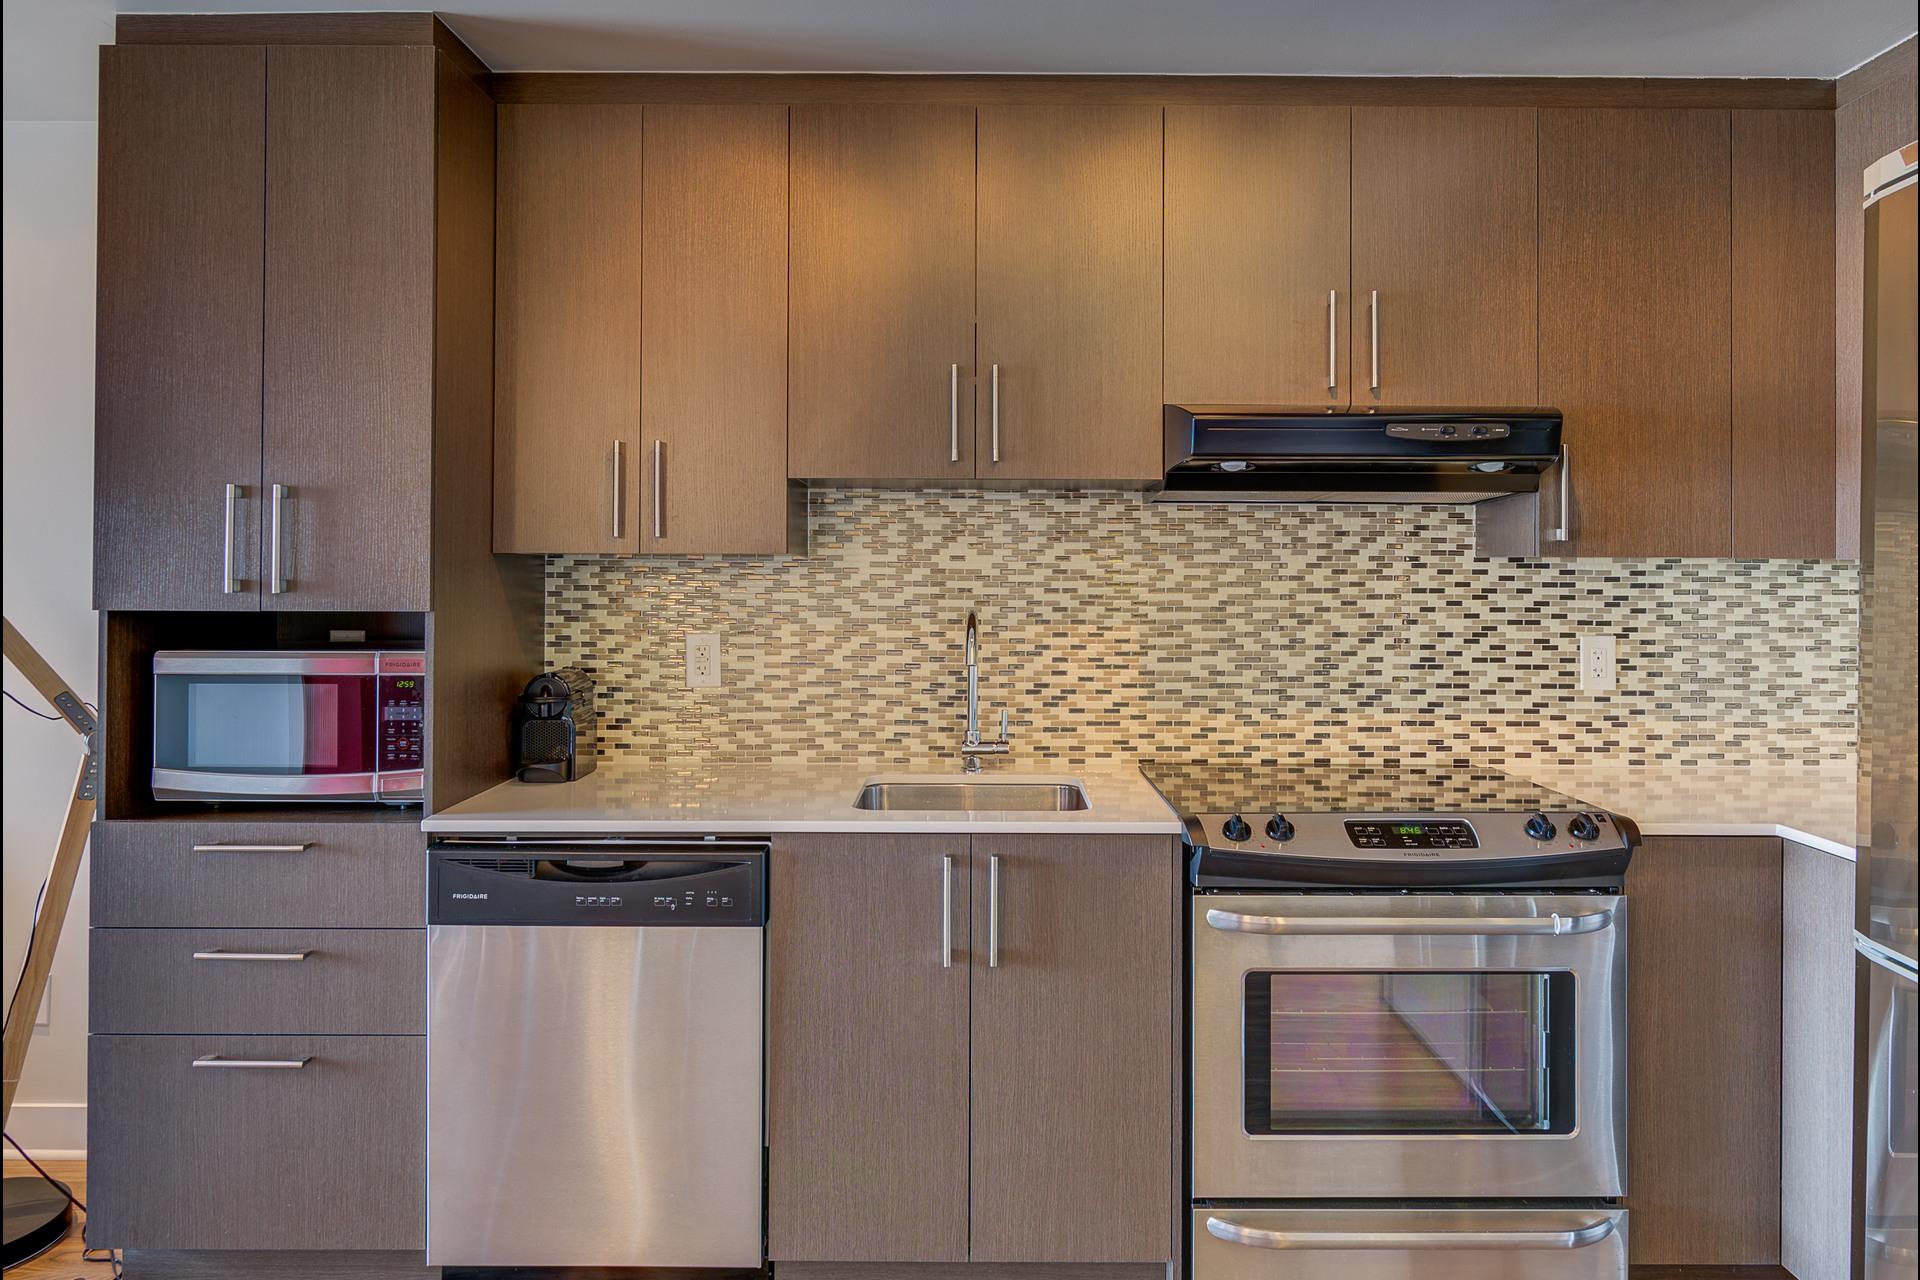 image 5 - Condo For rent Montréal - 3 rooms